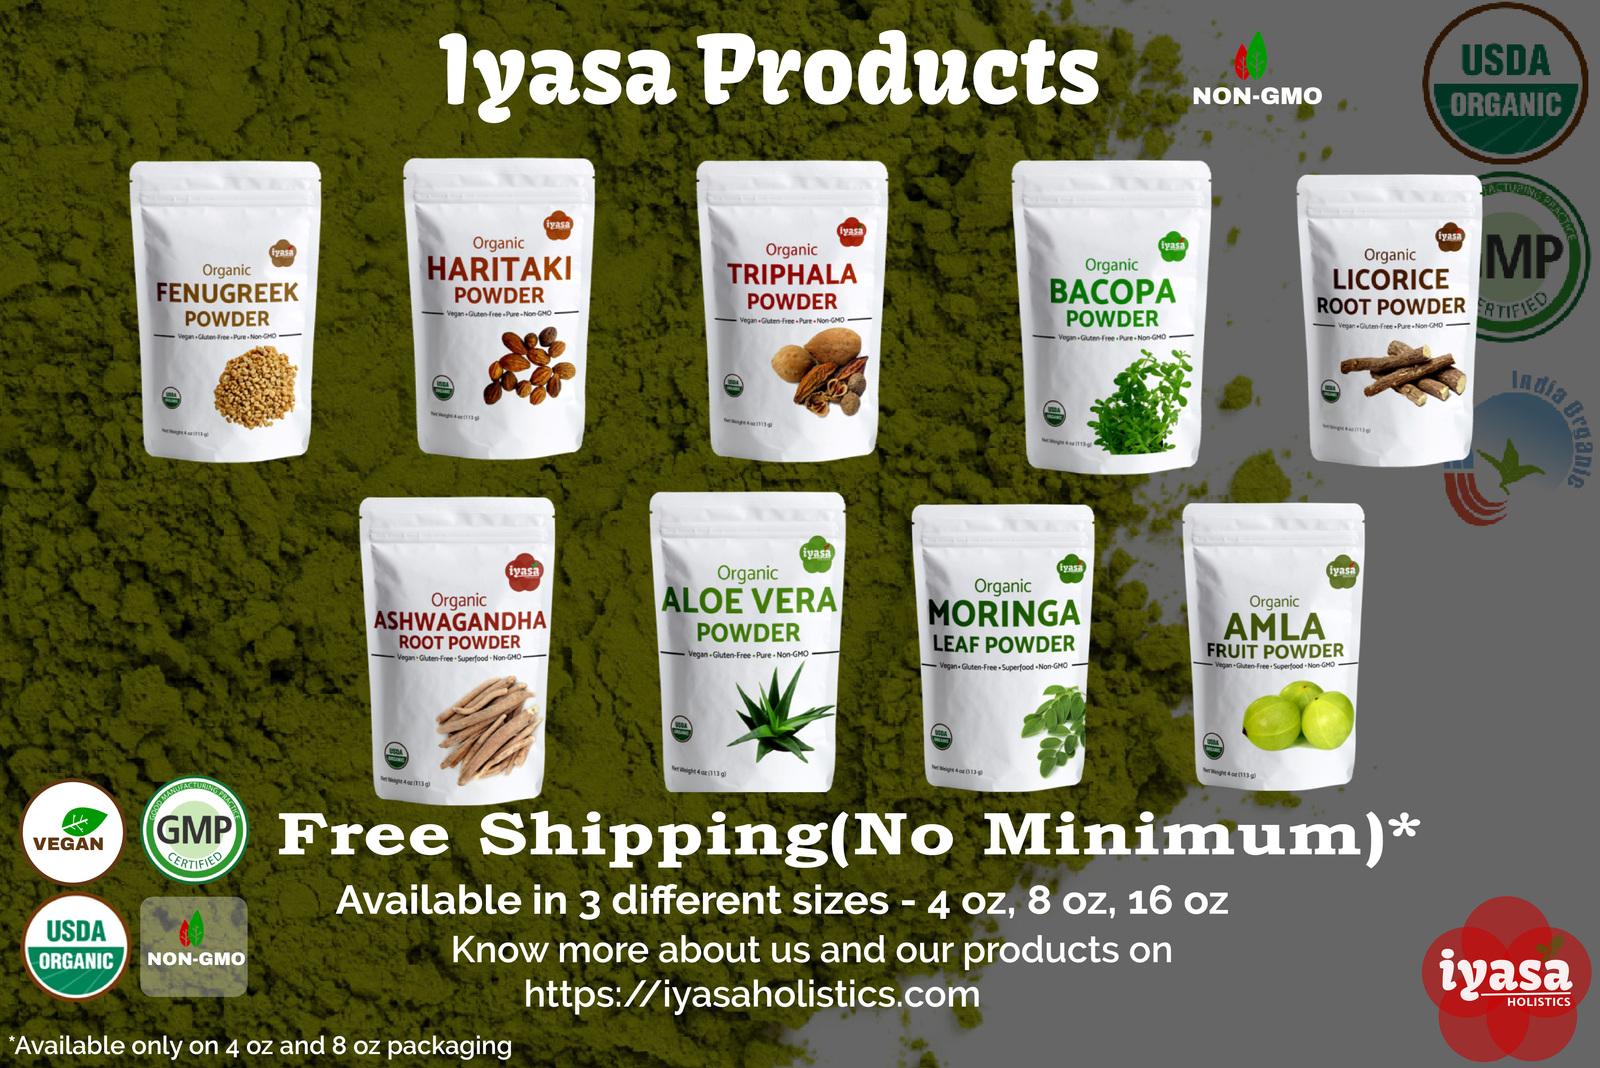 Organic Amla Fruit Powder,Amalaki Berry,Indian Gooseberry,Premium Quality,4,8 oz image 6